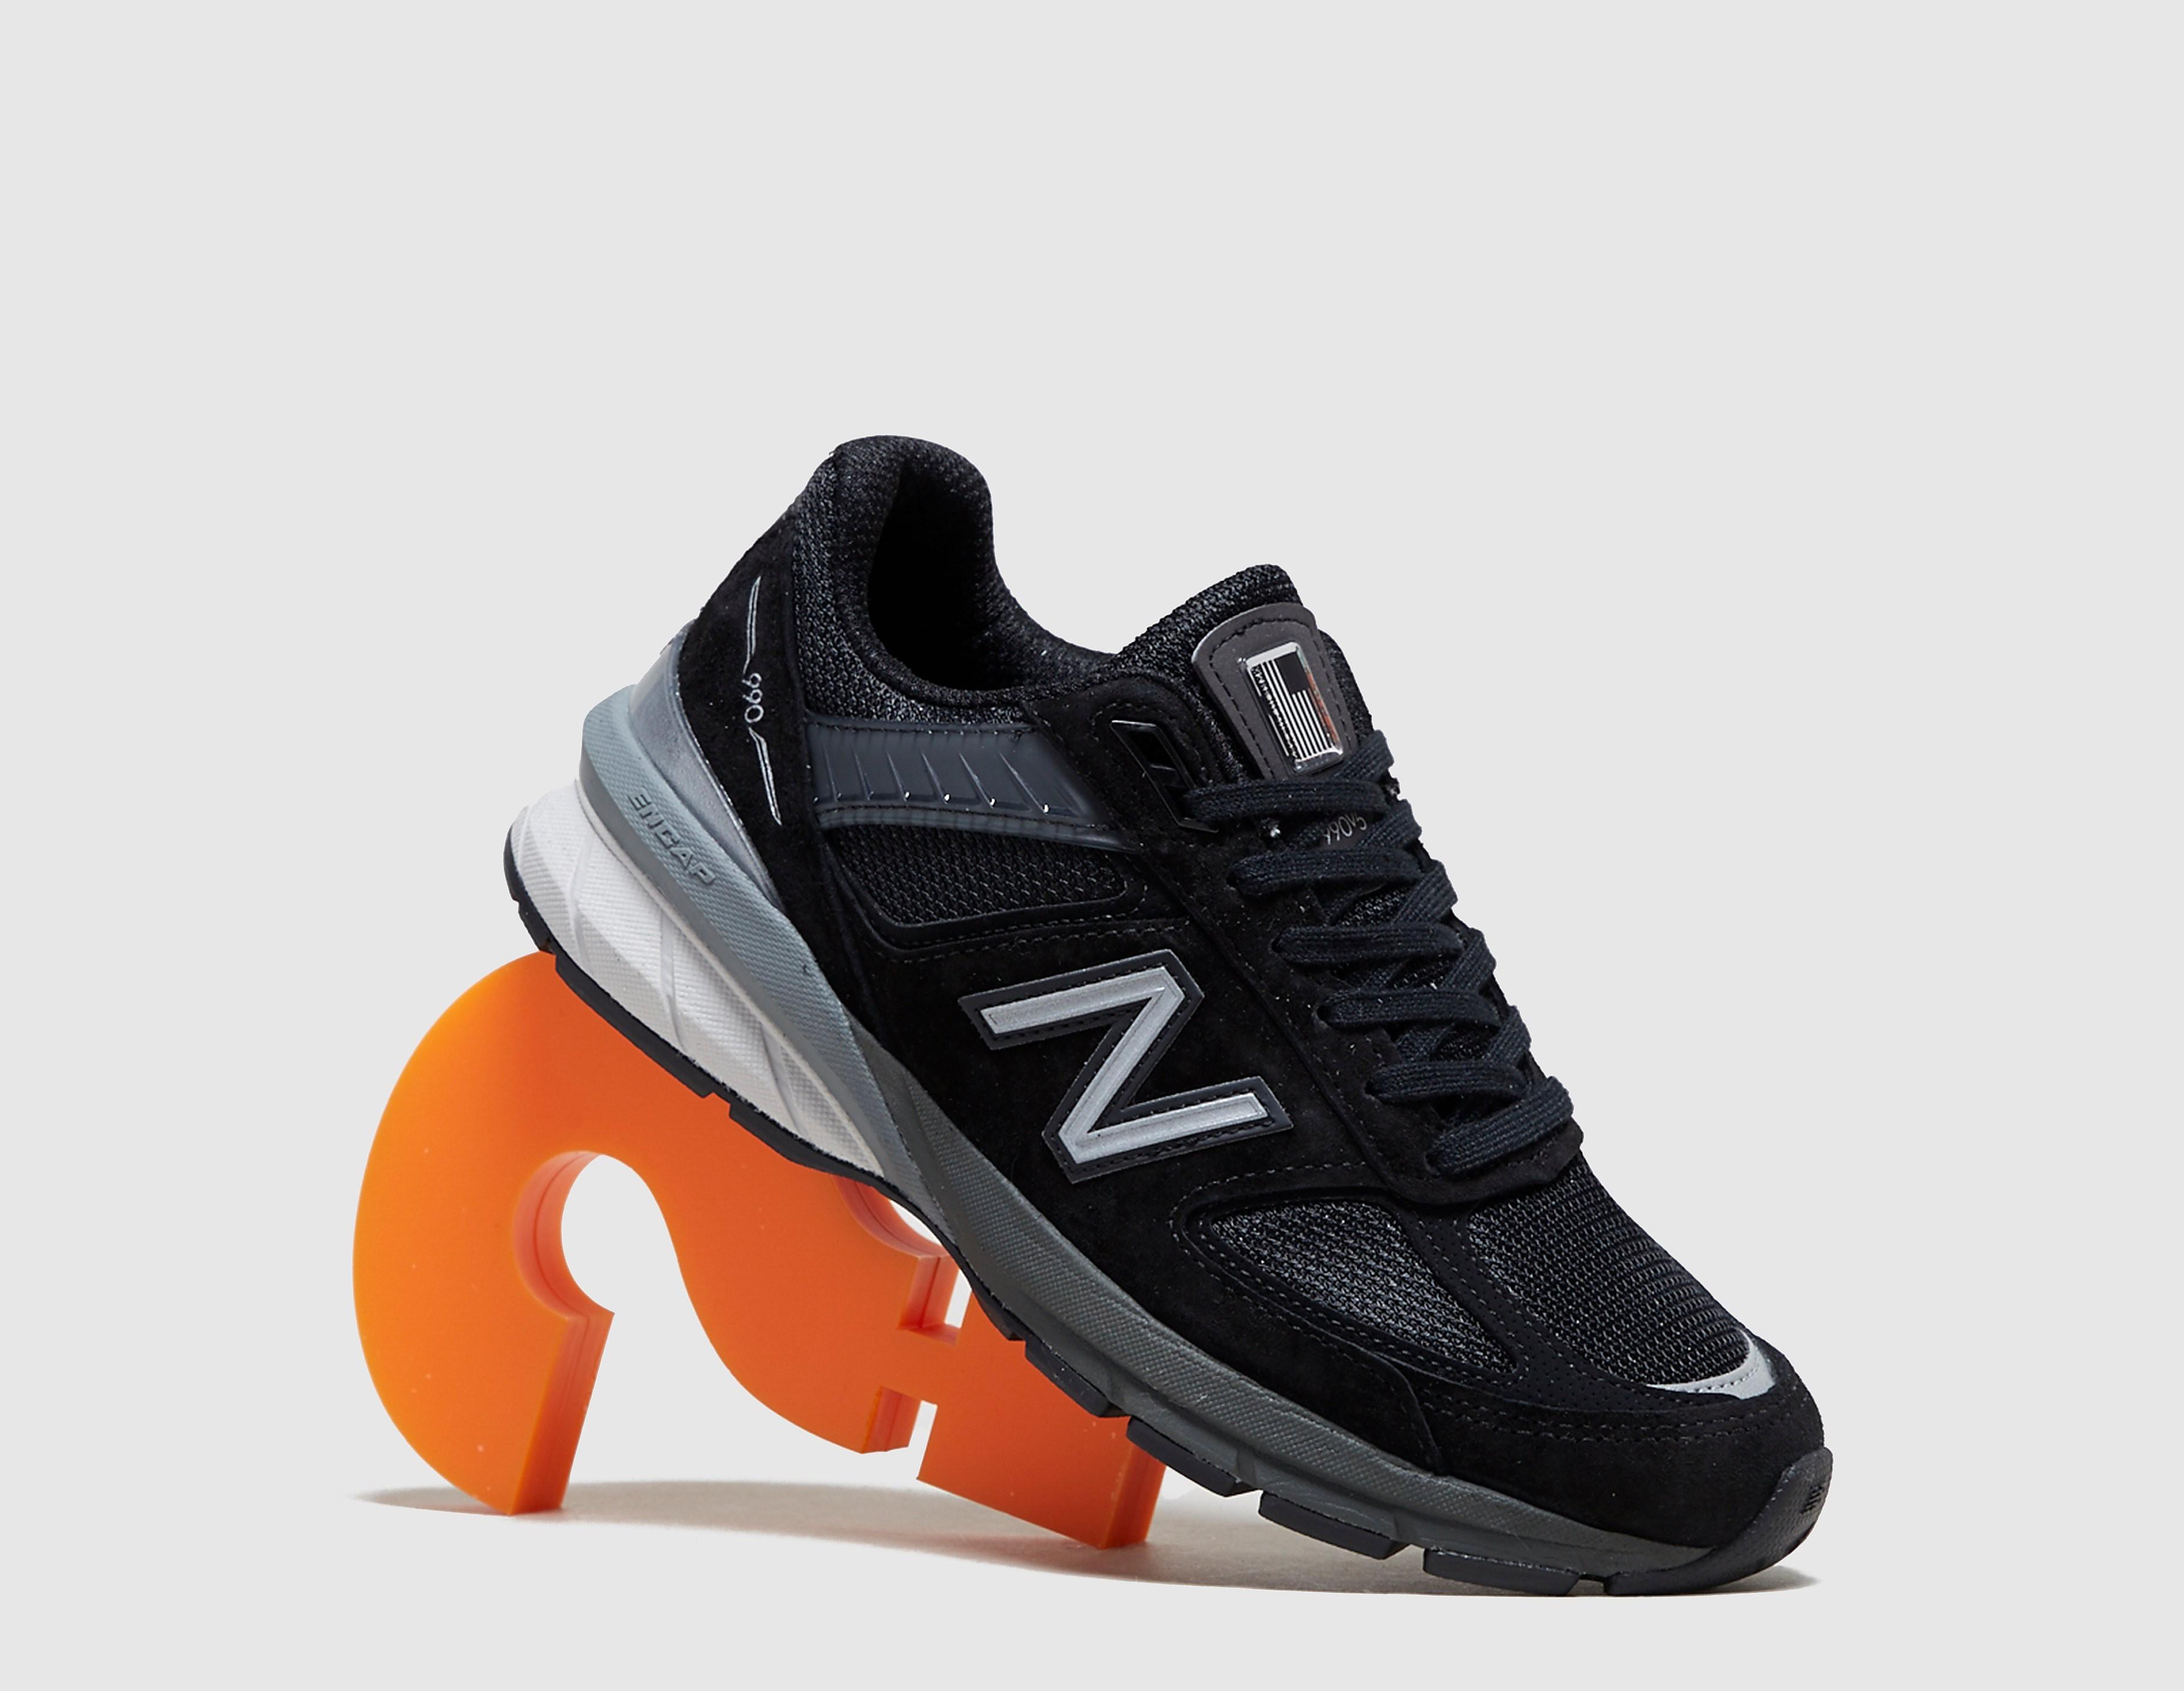 New Balance 990 v5 Femme